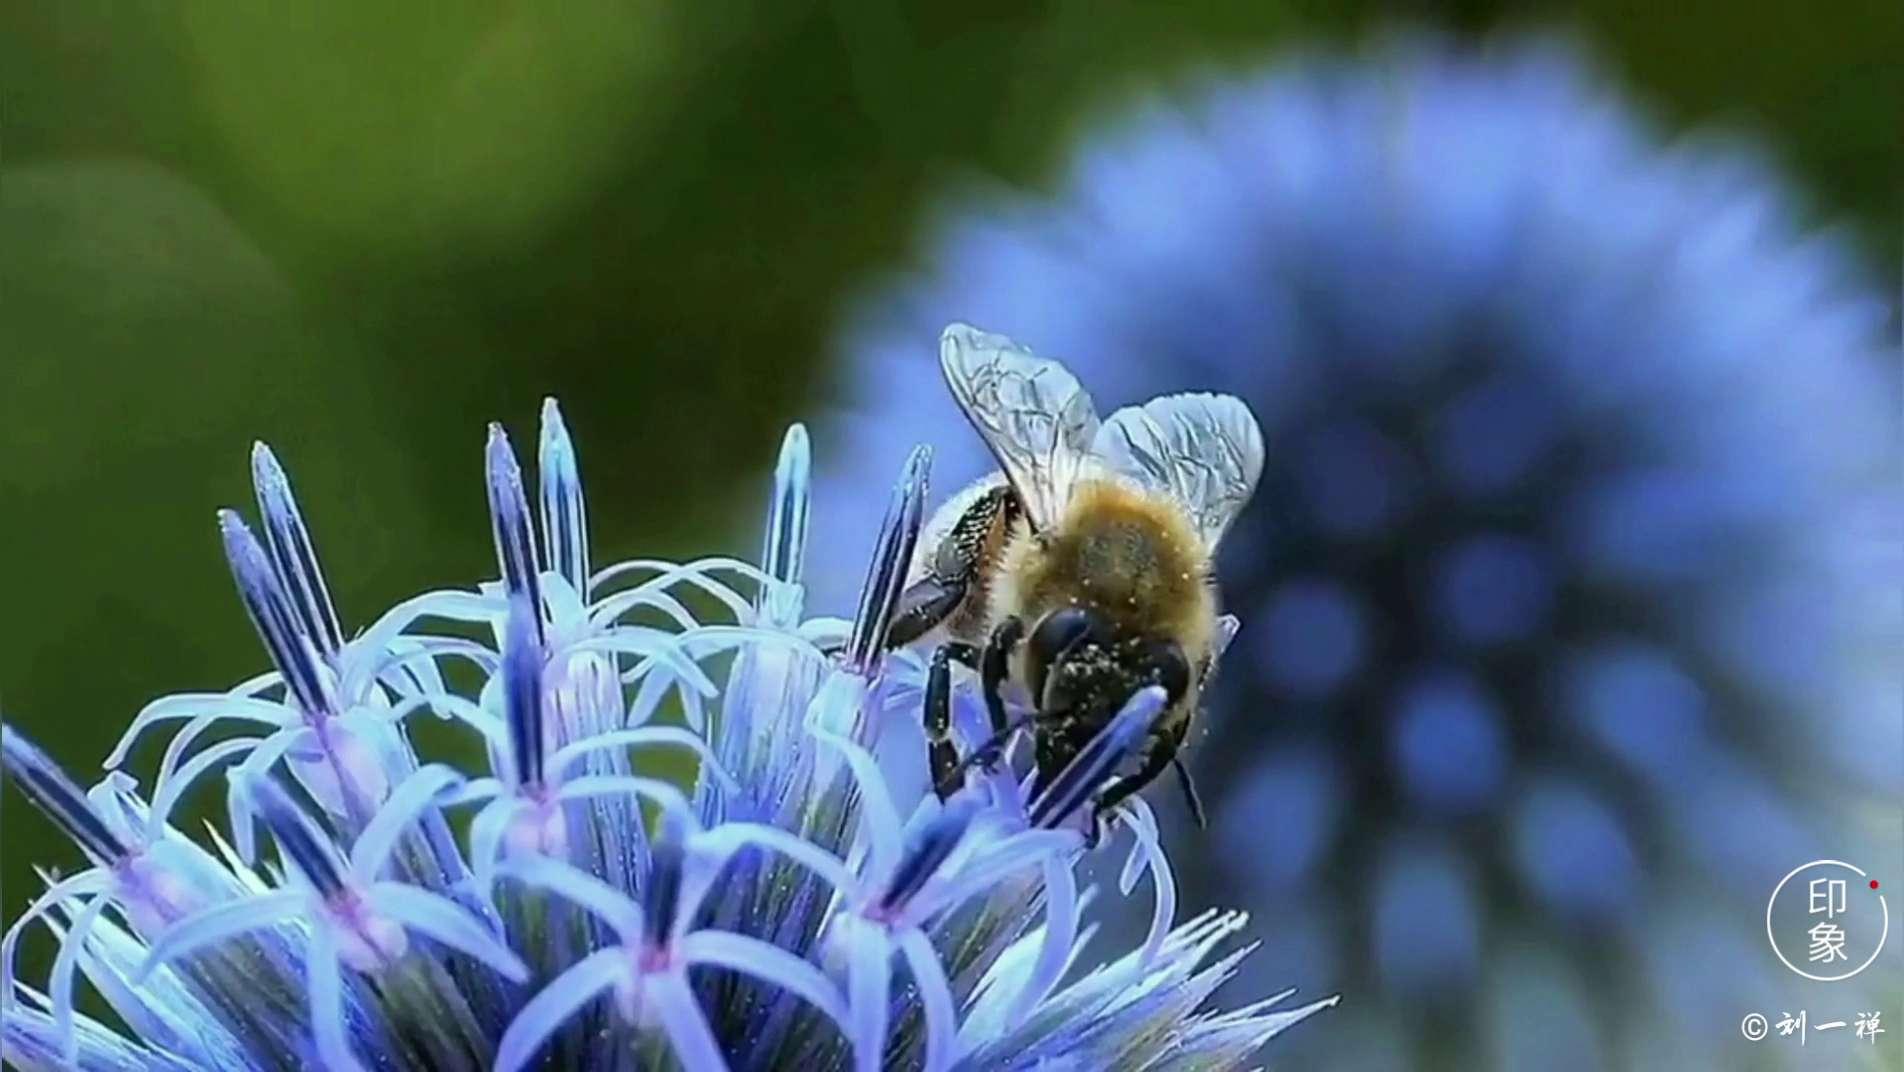 【你若强大】美好自来,随手拍-花粉俱乐部